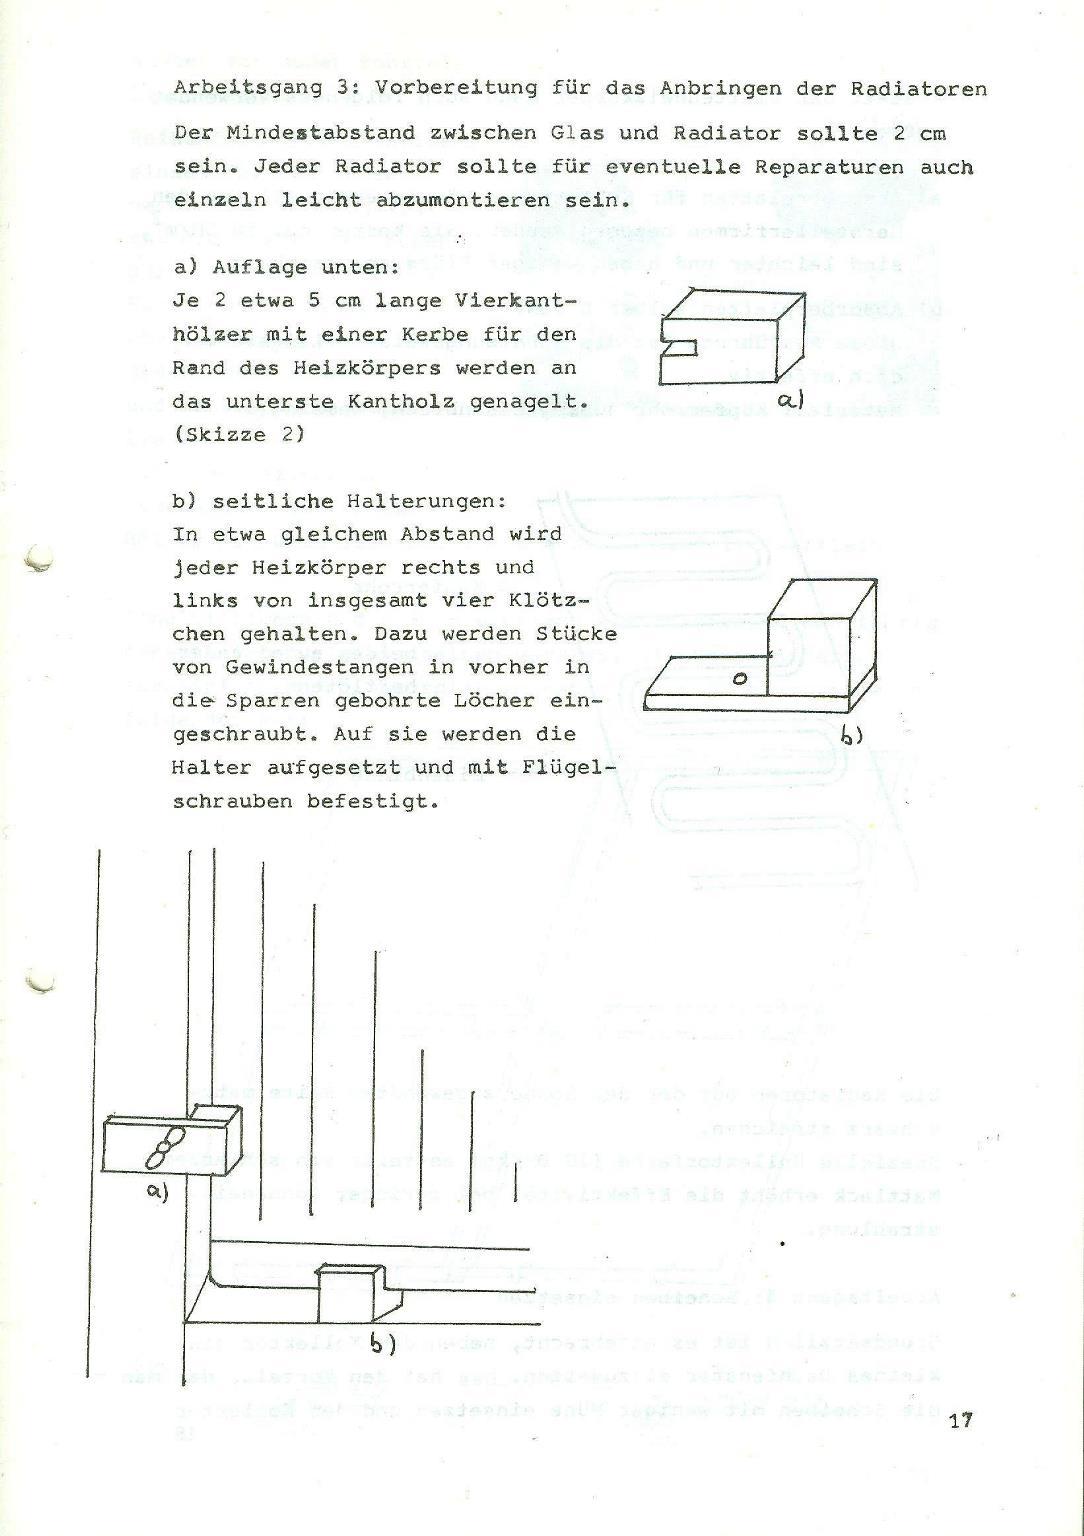 Hessen_AKW074